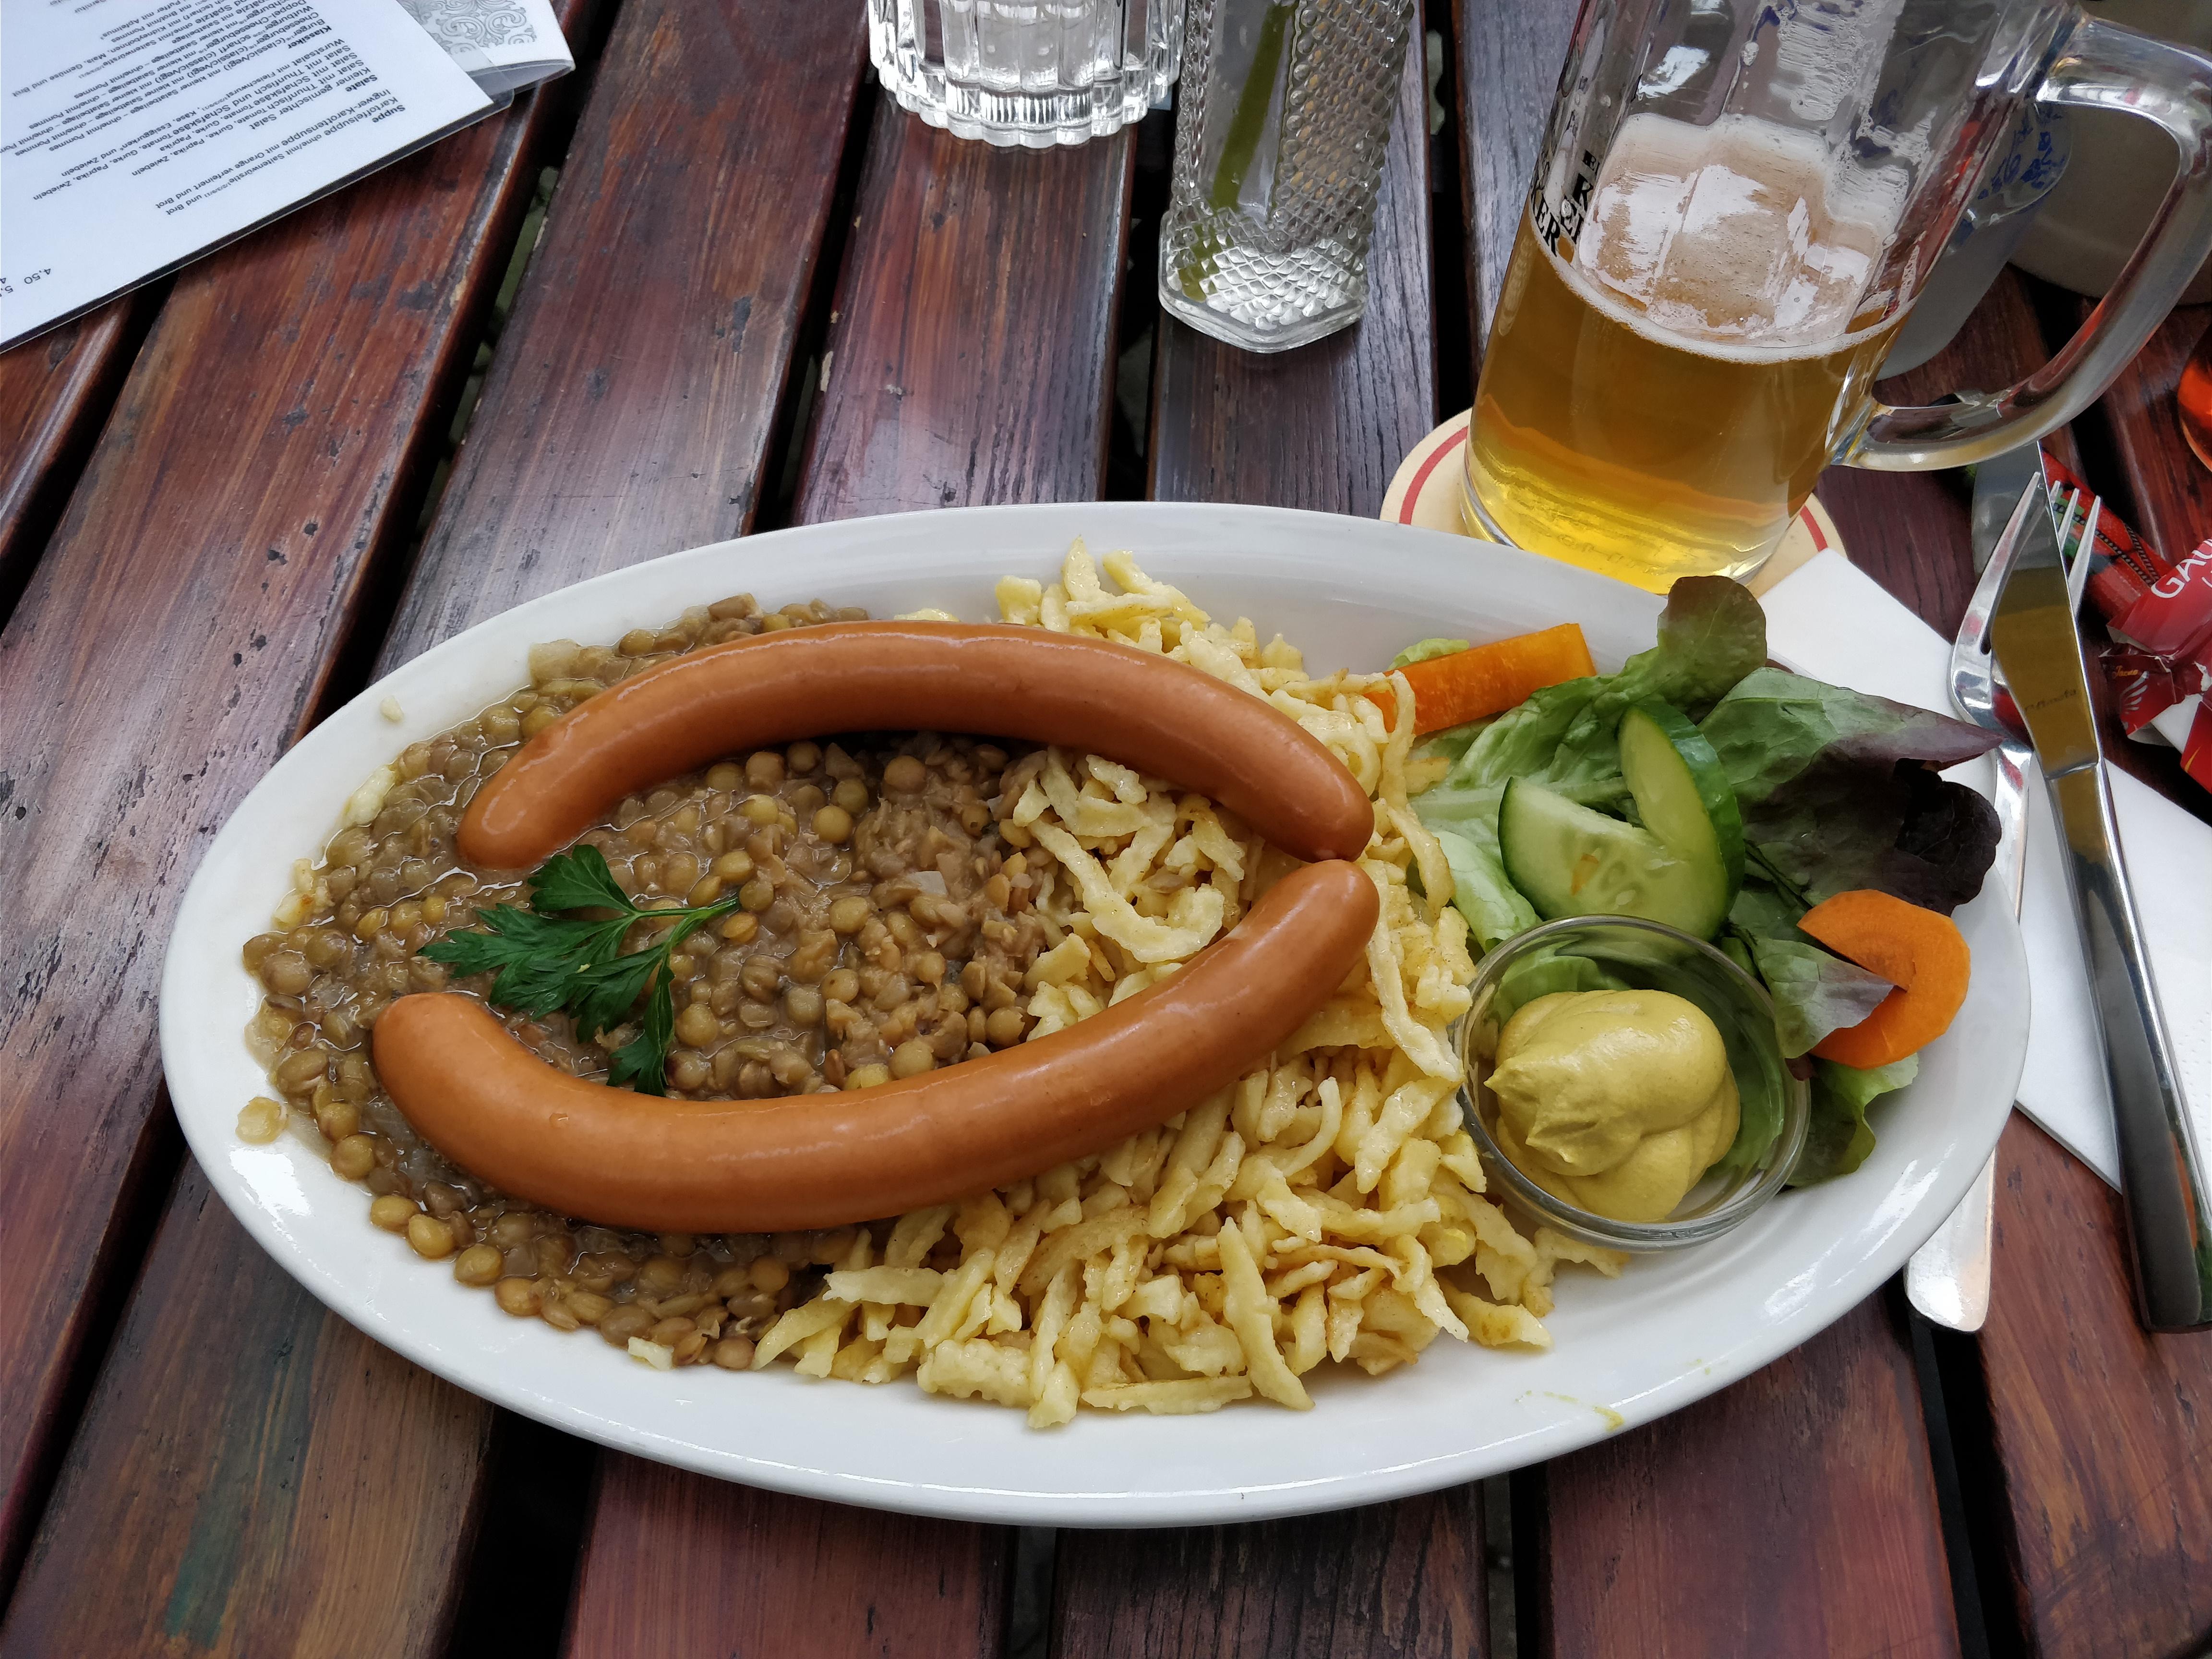 http://foodloader.net/nico_2017-09-08_linsen-mit-spaetzle-und-saitenwuerstchen.jpg